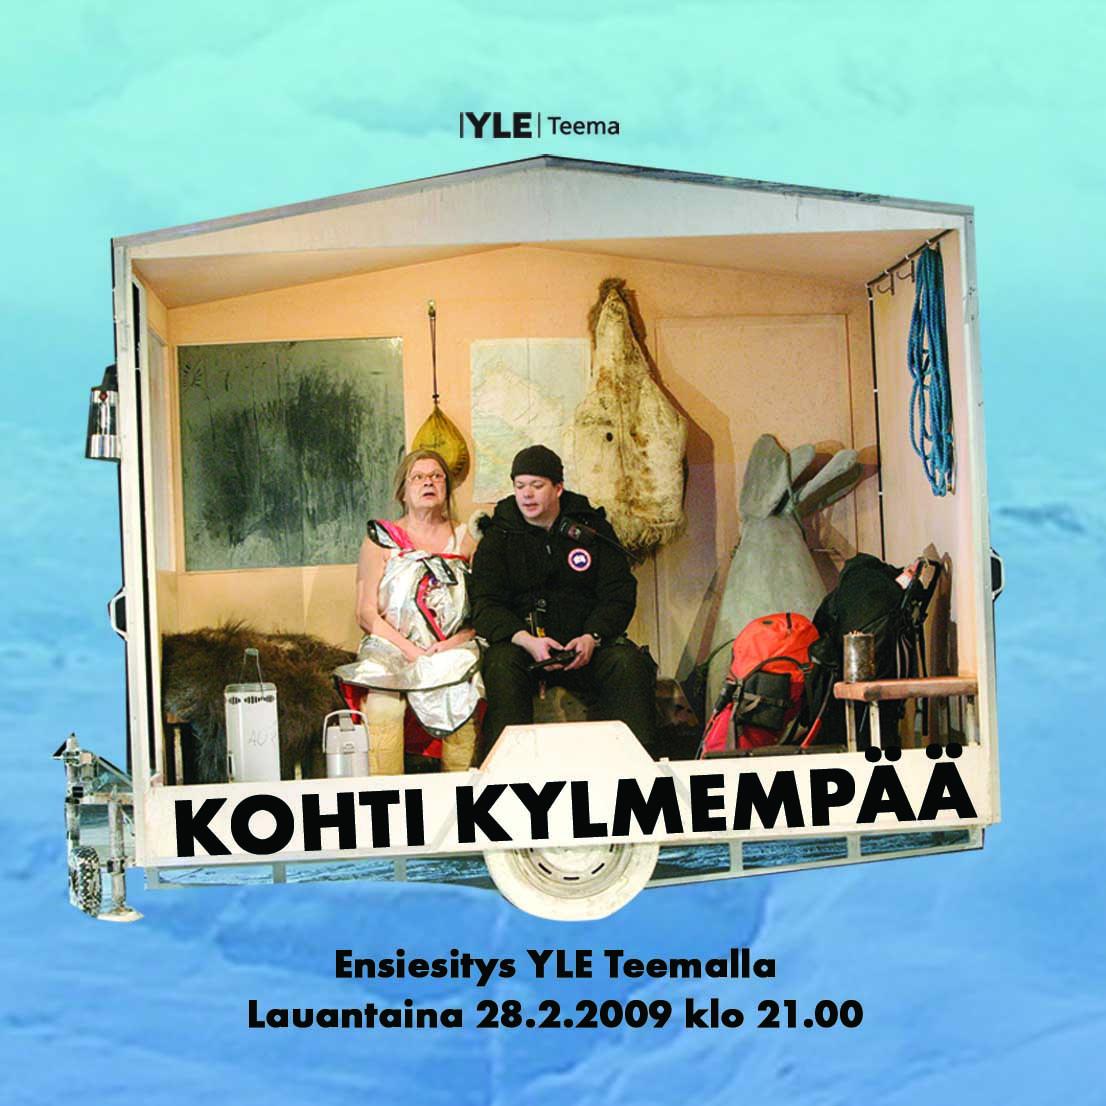 Kohti kylmempää dvd/ Yle